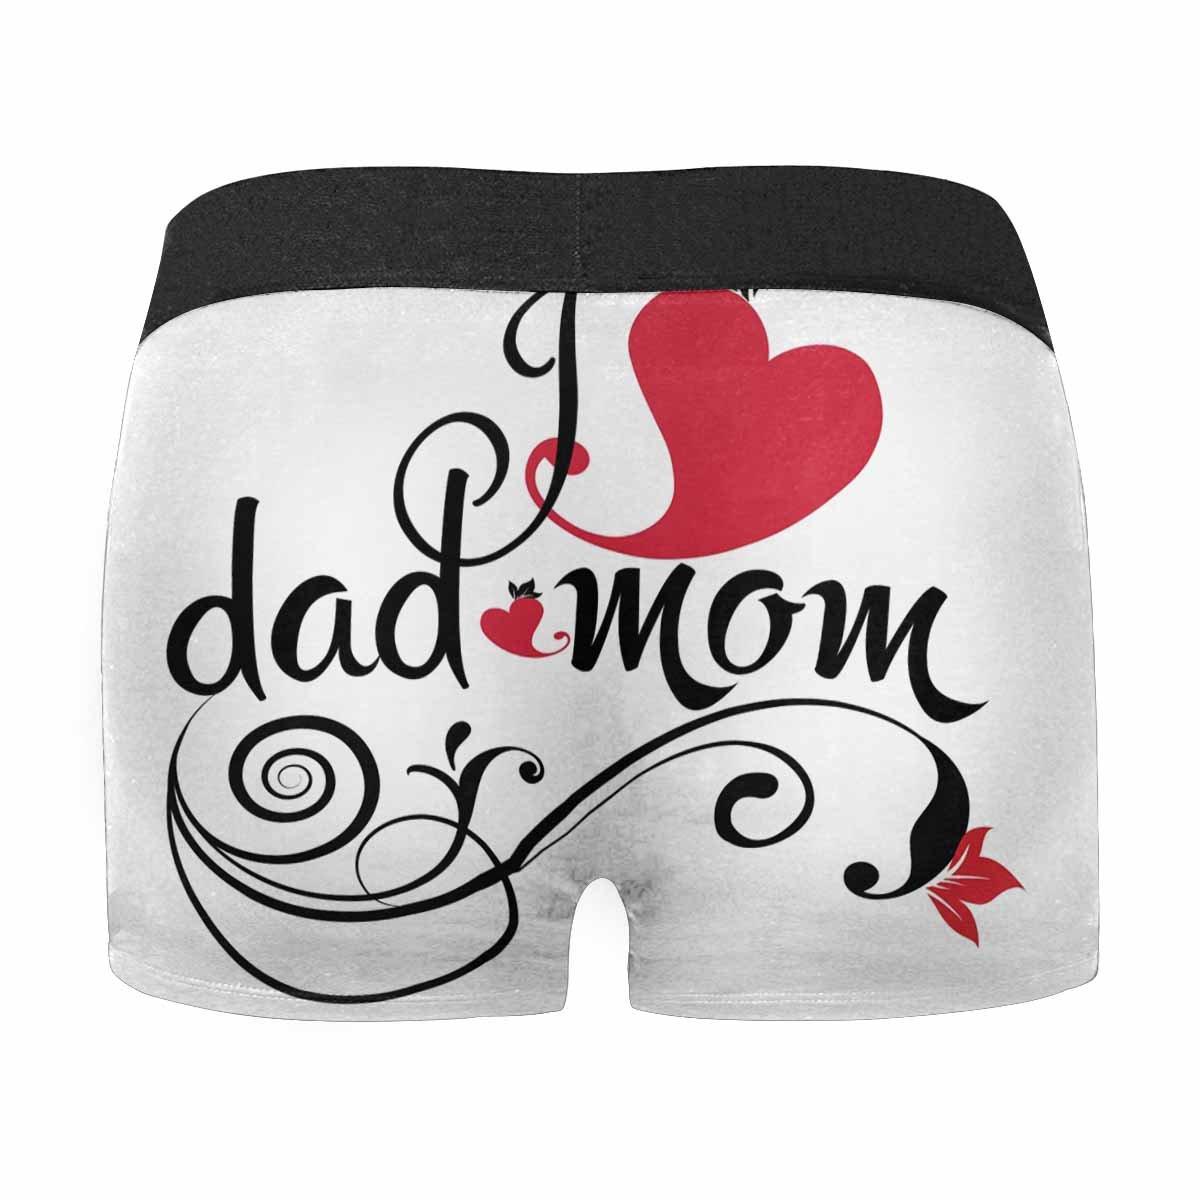 INTERESTPRINT Mens Boxer Briefs Underwear I Love Dad and Mom XS-3XL